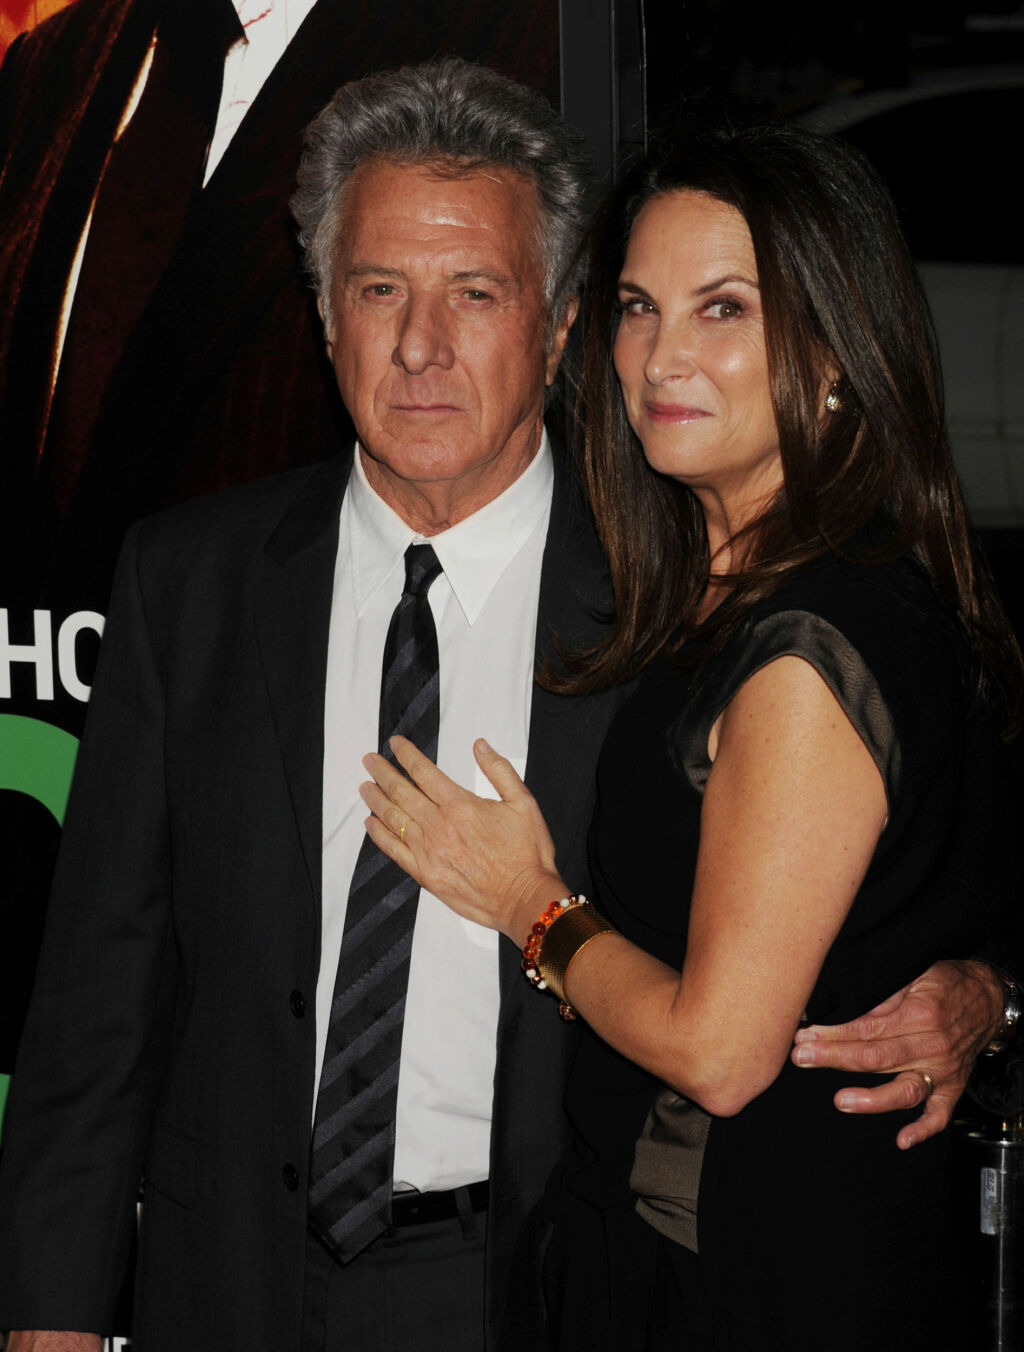 29 ÅR: Dustin Hoffman (73) og Lisa Gottsegen (57) har fått fire barn sammen.  Foto: All Over Press